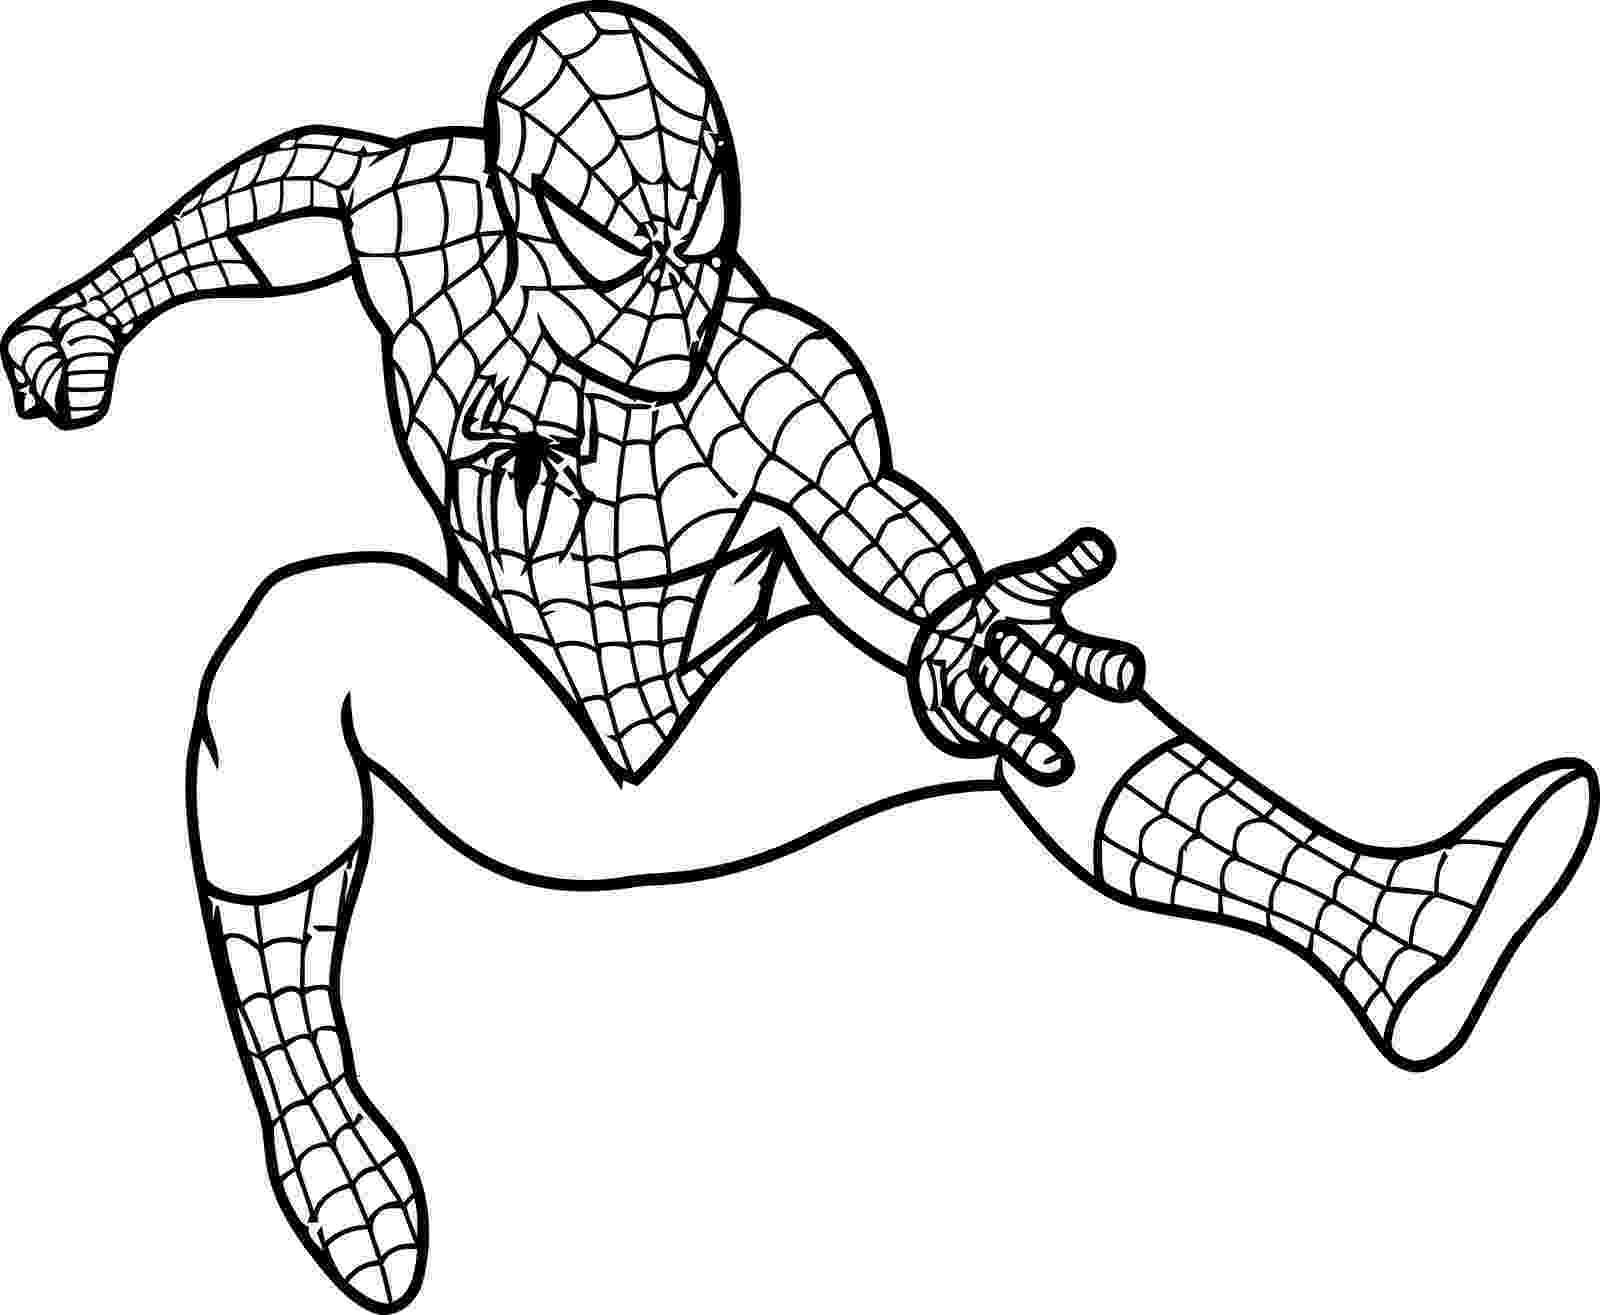 imagens do homem aranha para colorir pin em homem aranha aranha para homem colorir imagens do